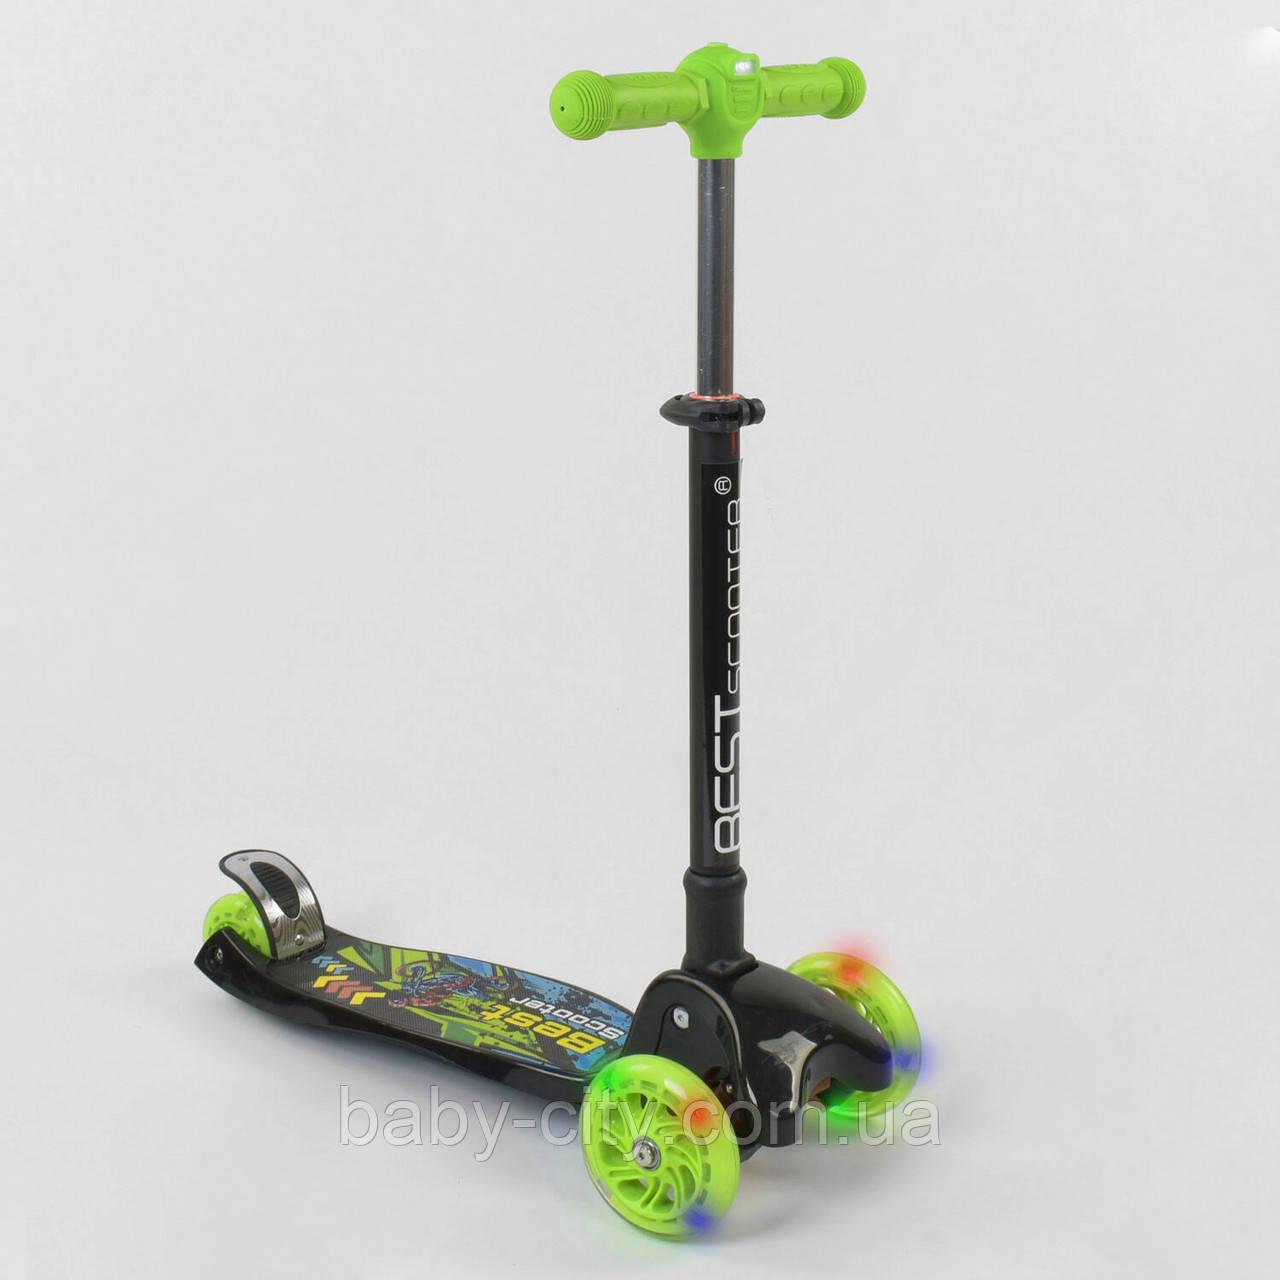 Детский трехколесный самокат с фарой Best Scooter 81472 Черный с зеленым